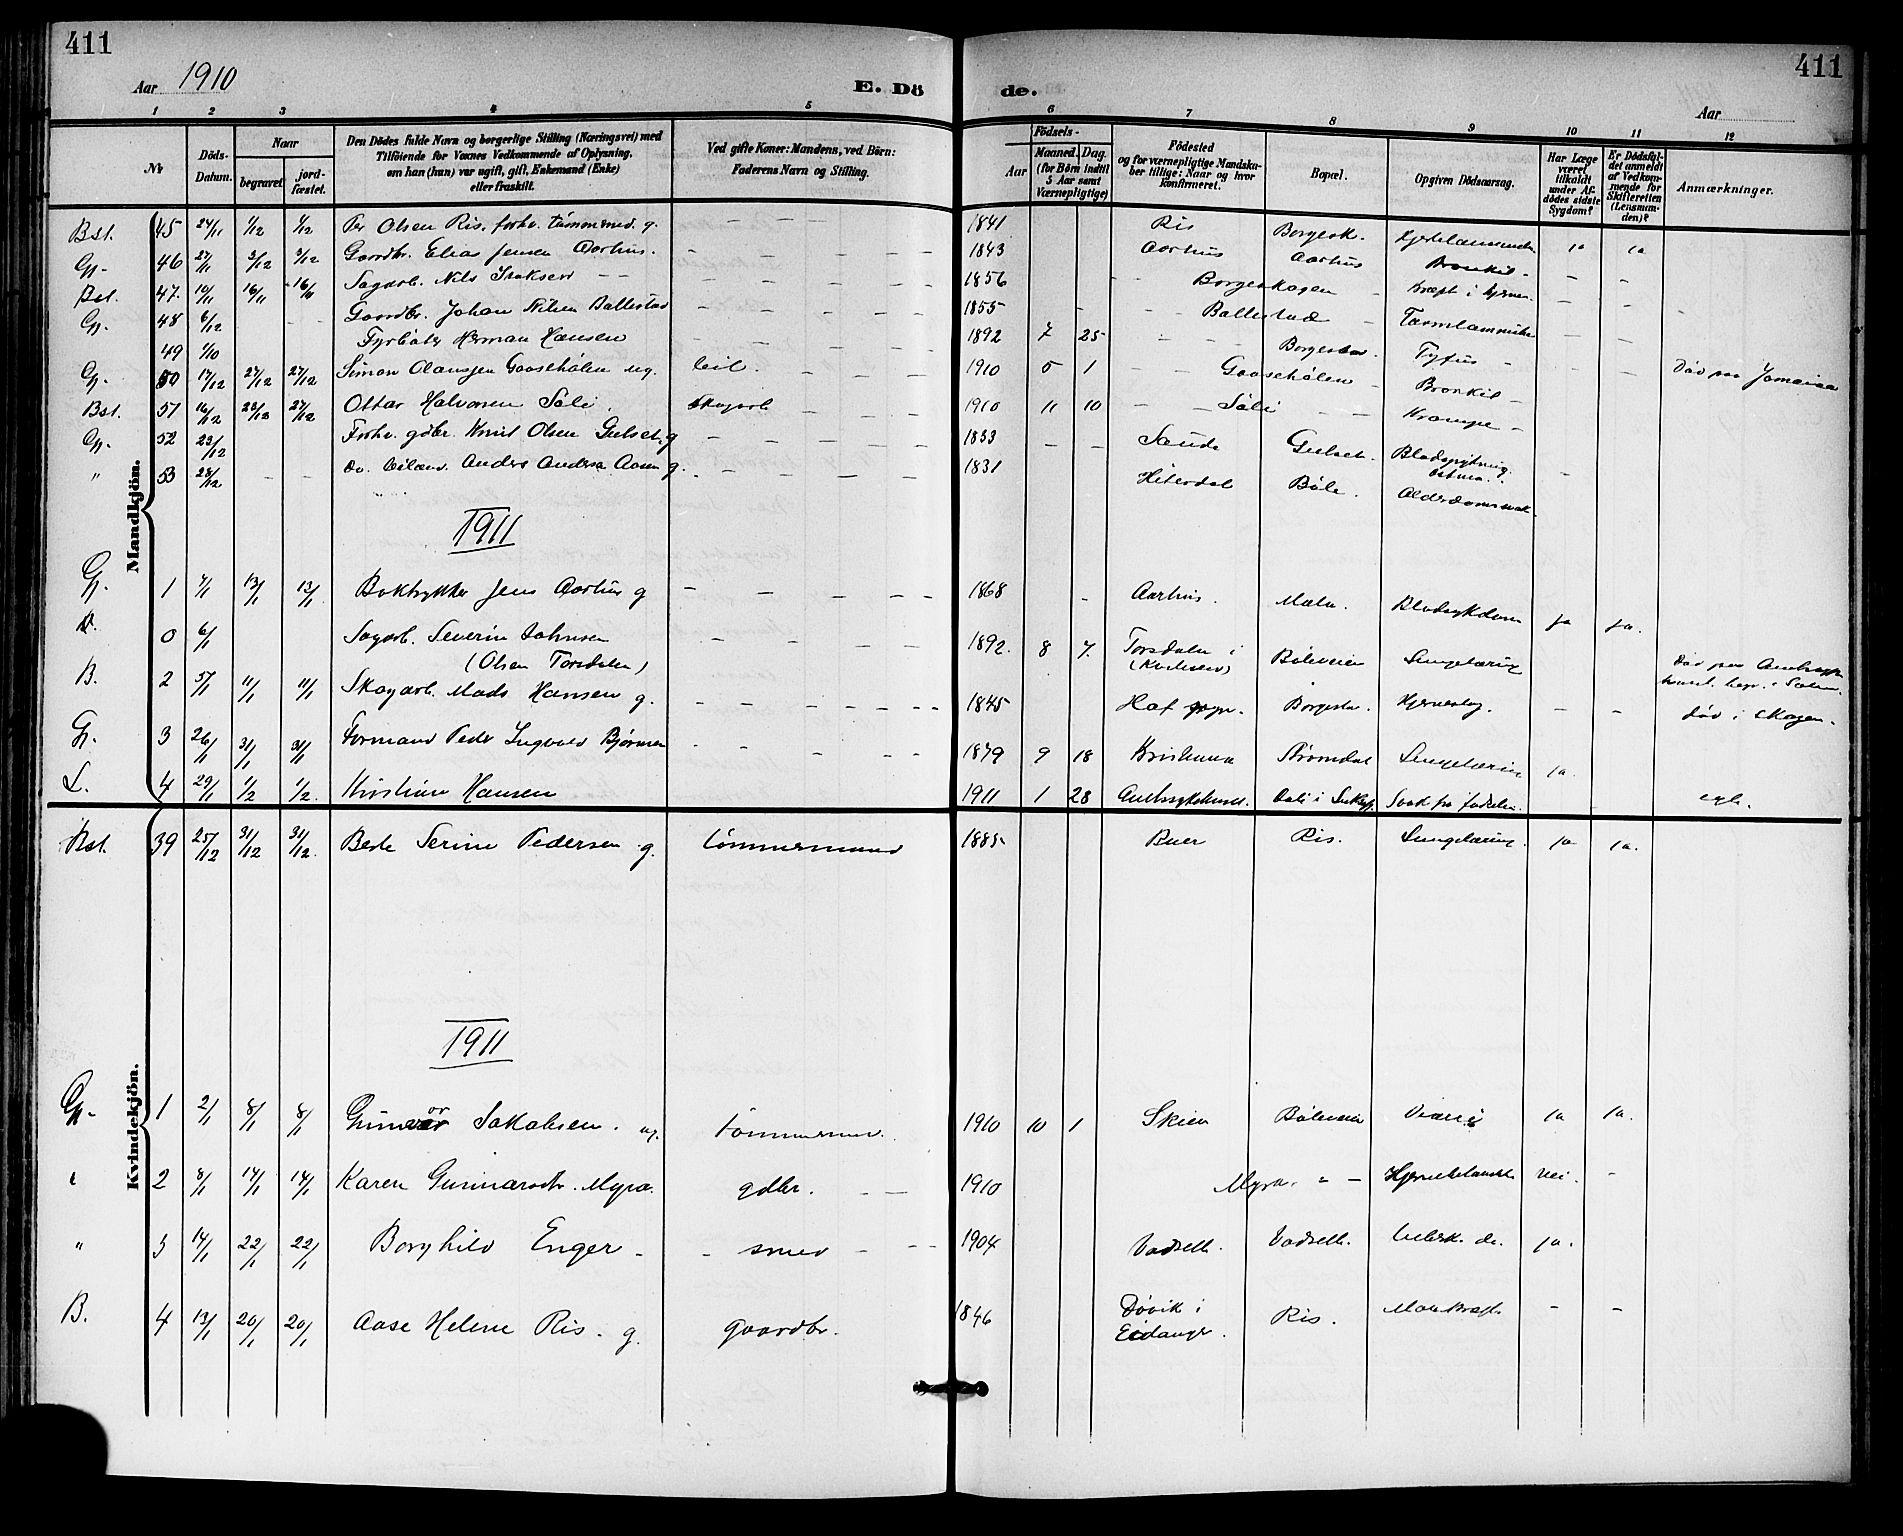 SAKO, Gjerpen kirkebøker, G/Ga/L0003: Klokkerbok nr. I 3, 1901-1919, s. 411